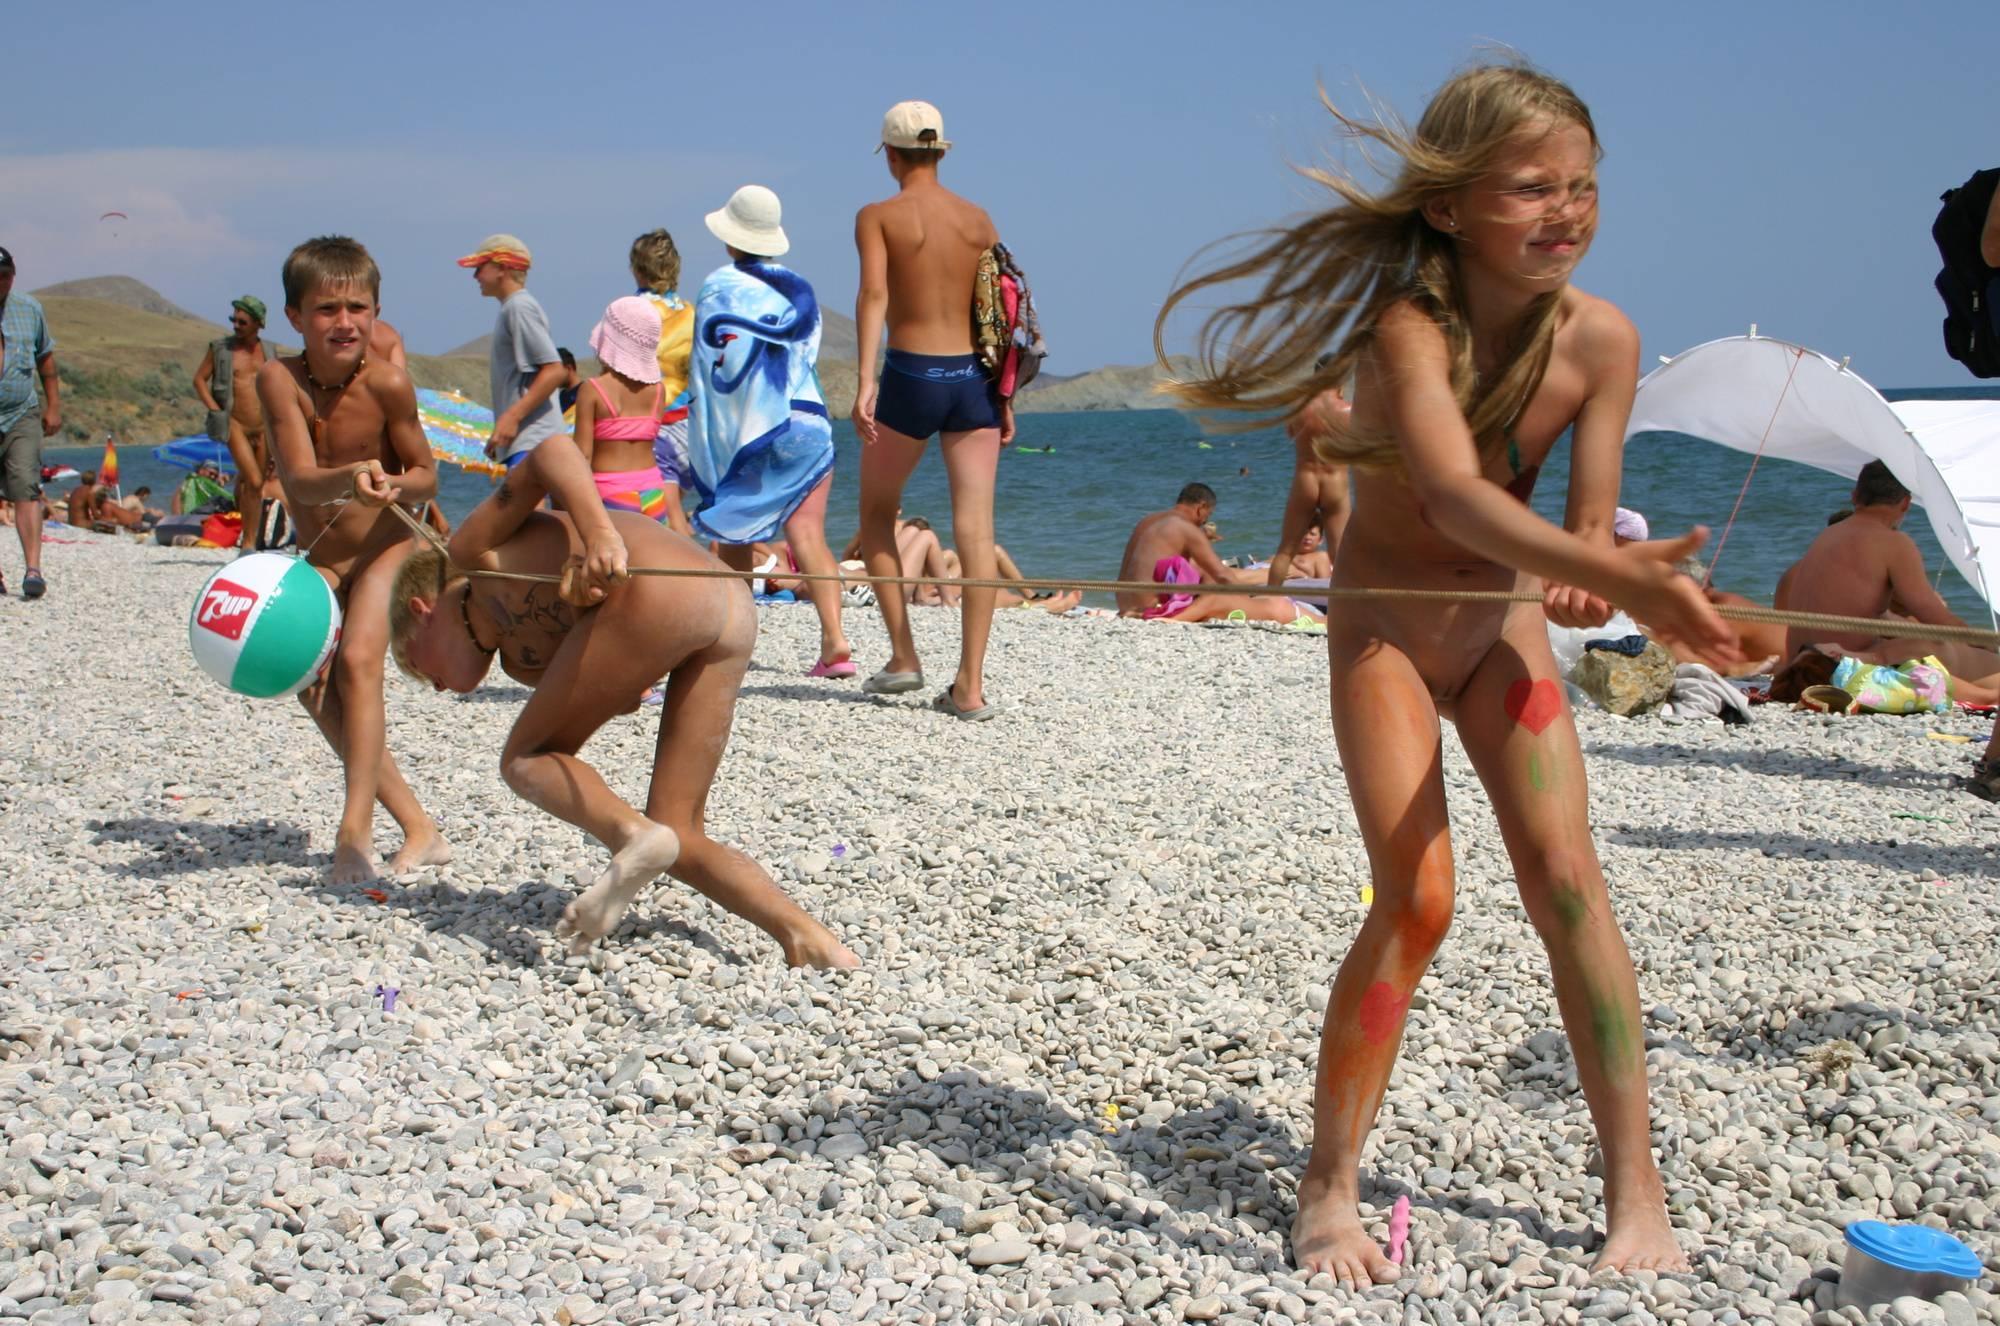 Nudist Gallery Naturist Kids Tug of War - 1